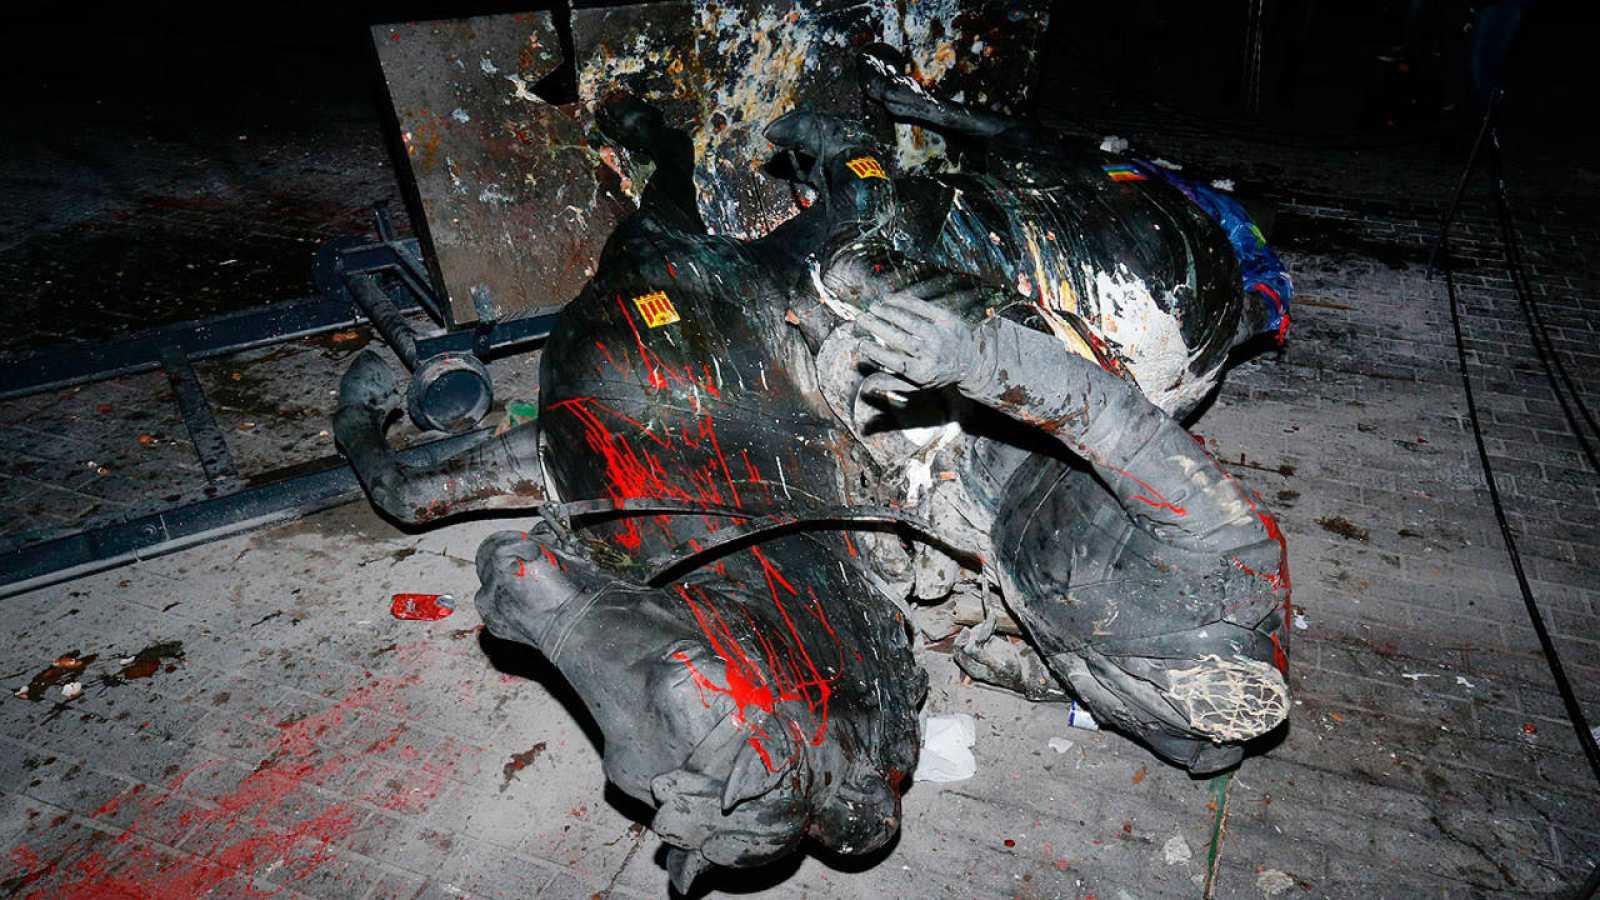 La estatua ecuestre de Franco tirada en el suelo y llena de pintura